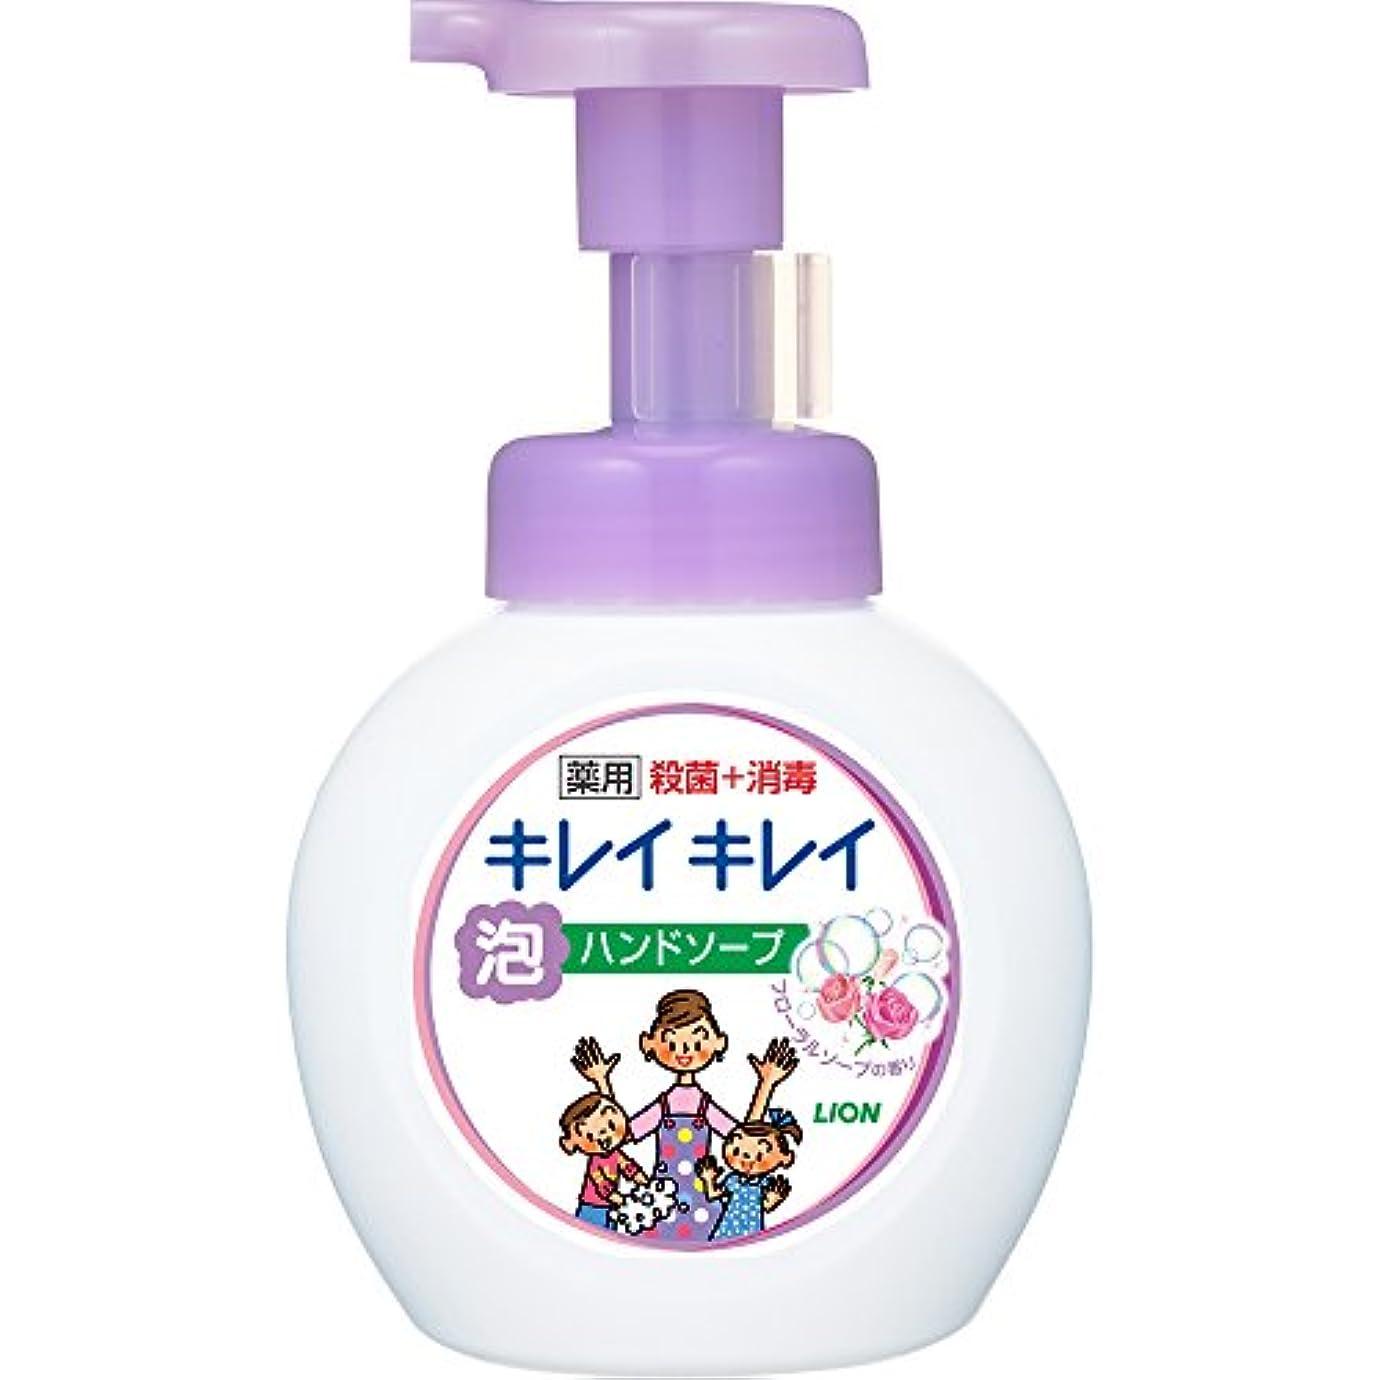 混乱させるブロッサム曲線キレイキレイ 薬用 泡ハンドソープ フローラルソープの香り 本体ポンプ 250ml(医薬部外品)